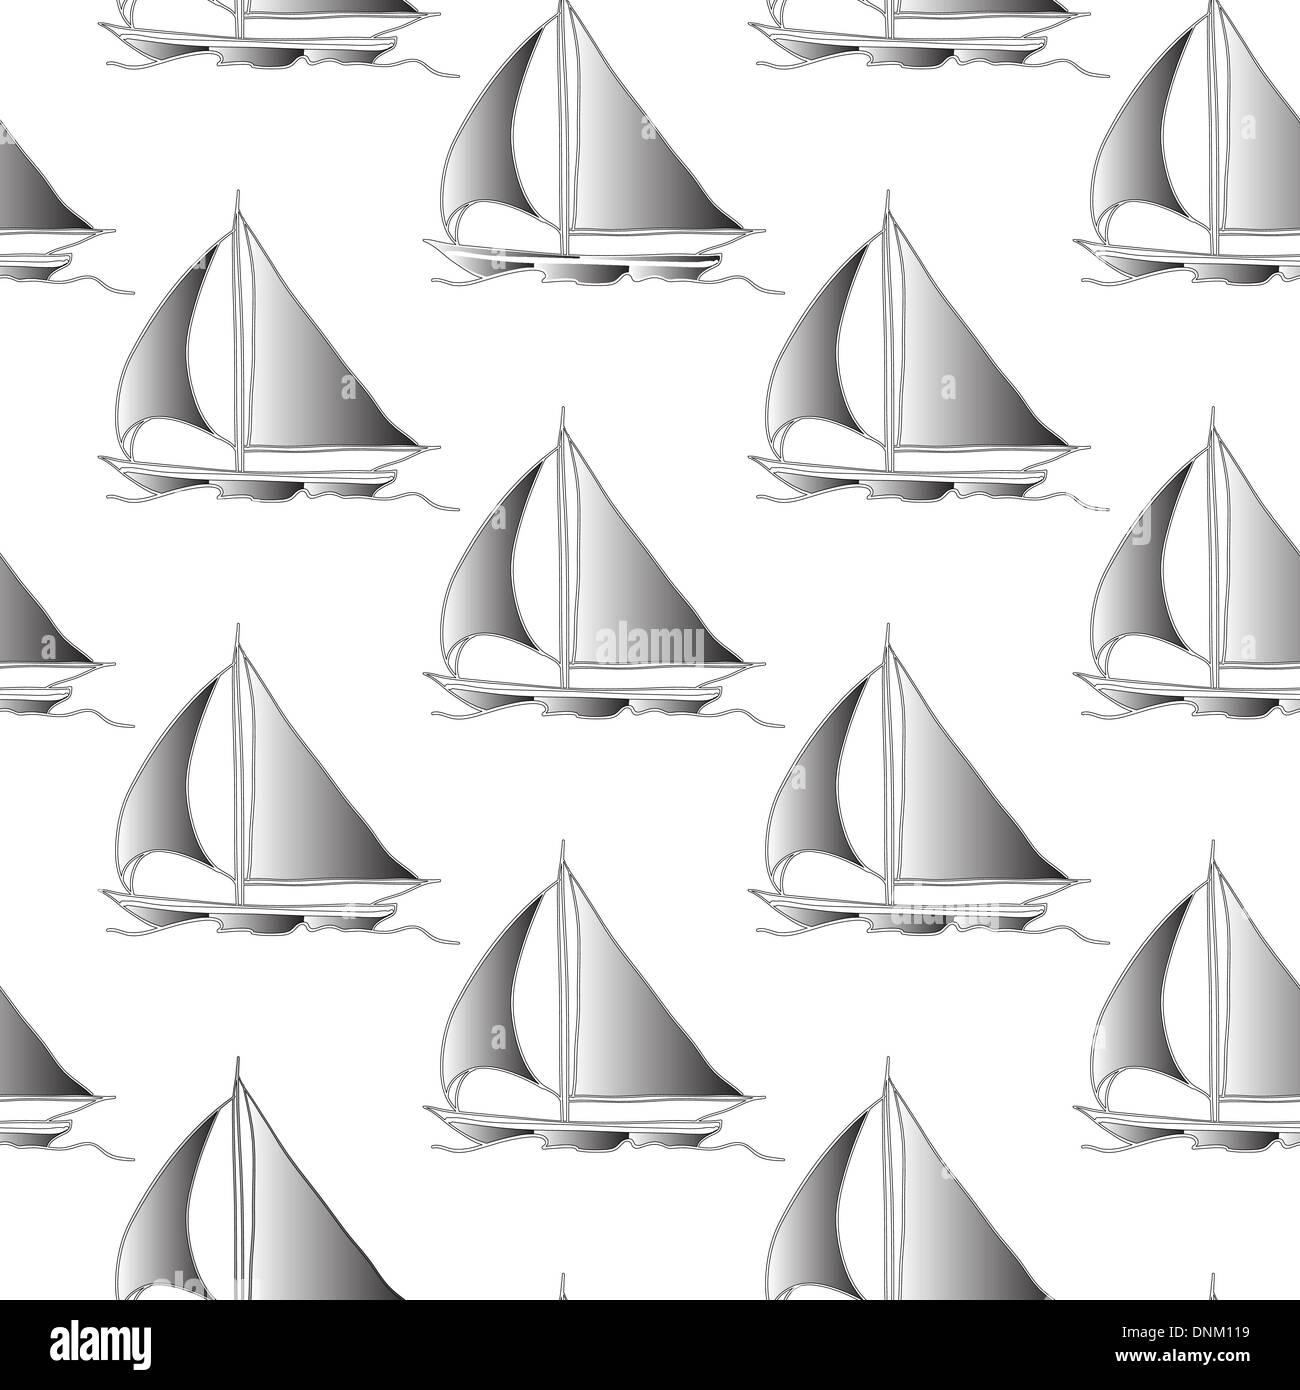 Carta da parati senza soluzione di continuità con una barca a vela sulle onde dell'oceano Immagini Stock